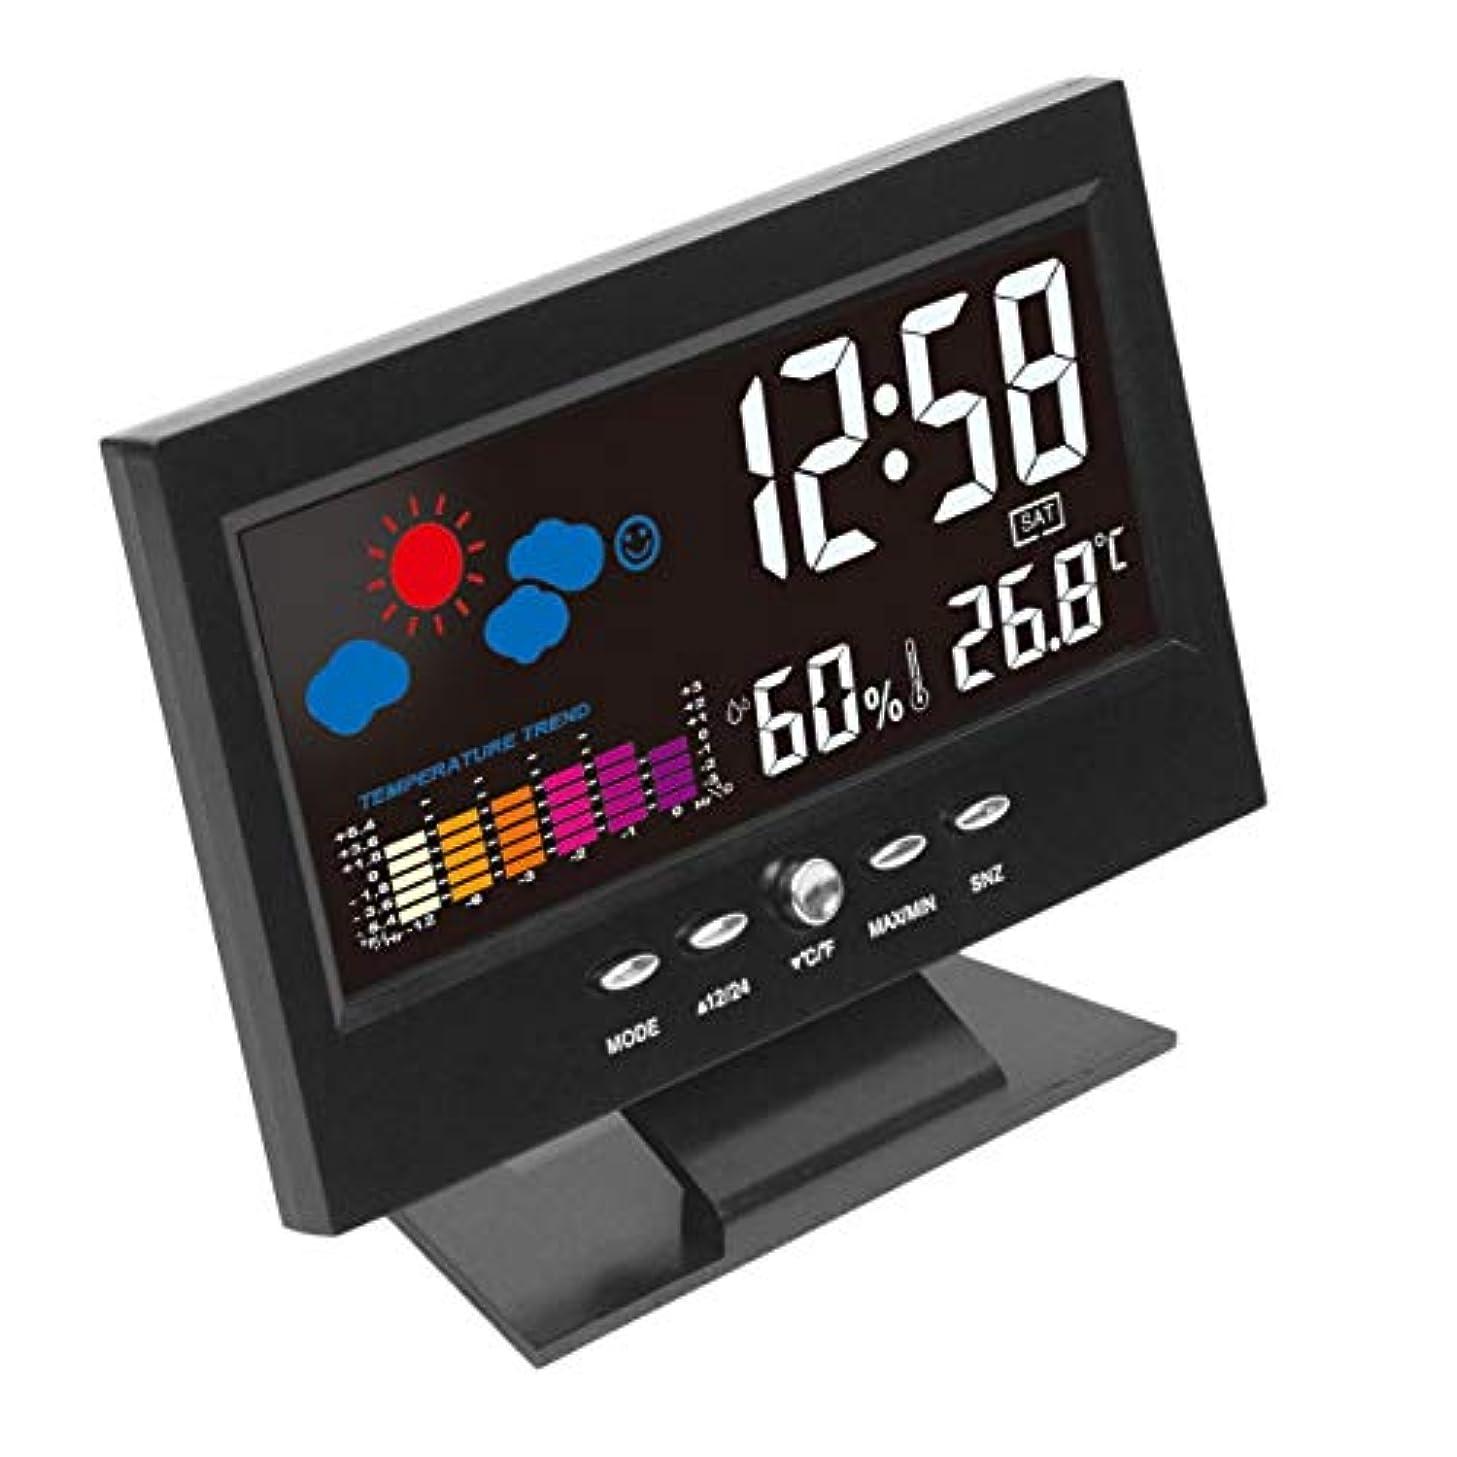 巻き戻すタイトスカウトSaikogoods 電子デジタルLCD 温度湿度モニター時計 温度計湿度計 屋内ホーム 天気予報時??計 ブラック